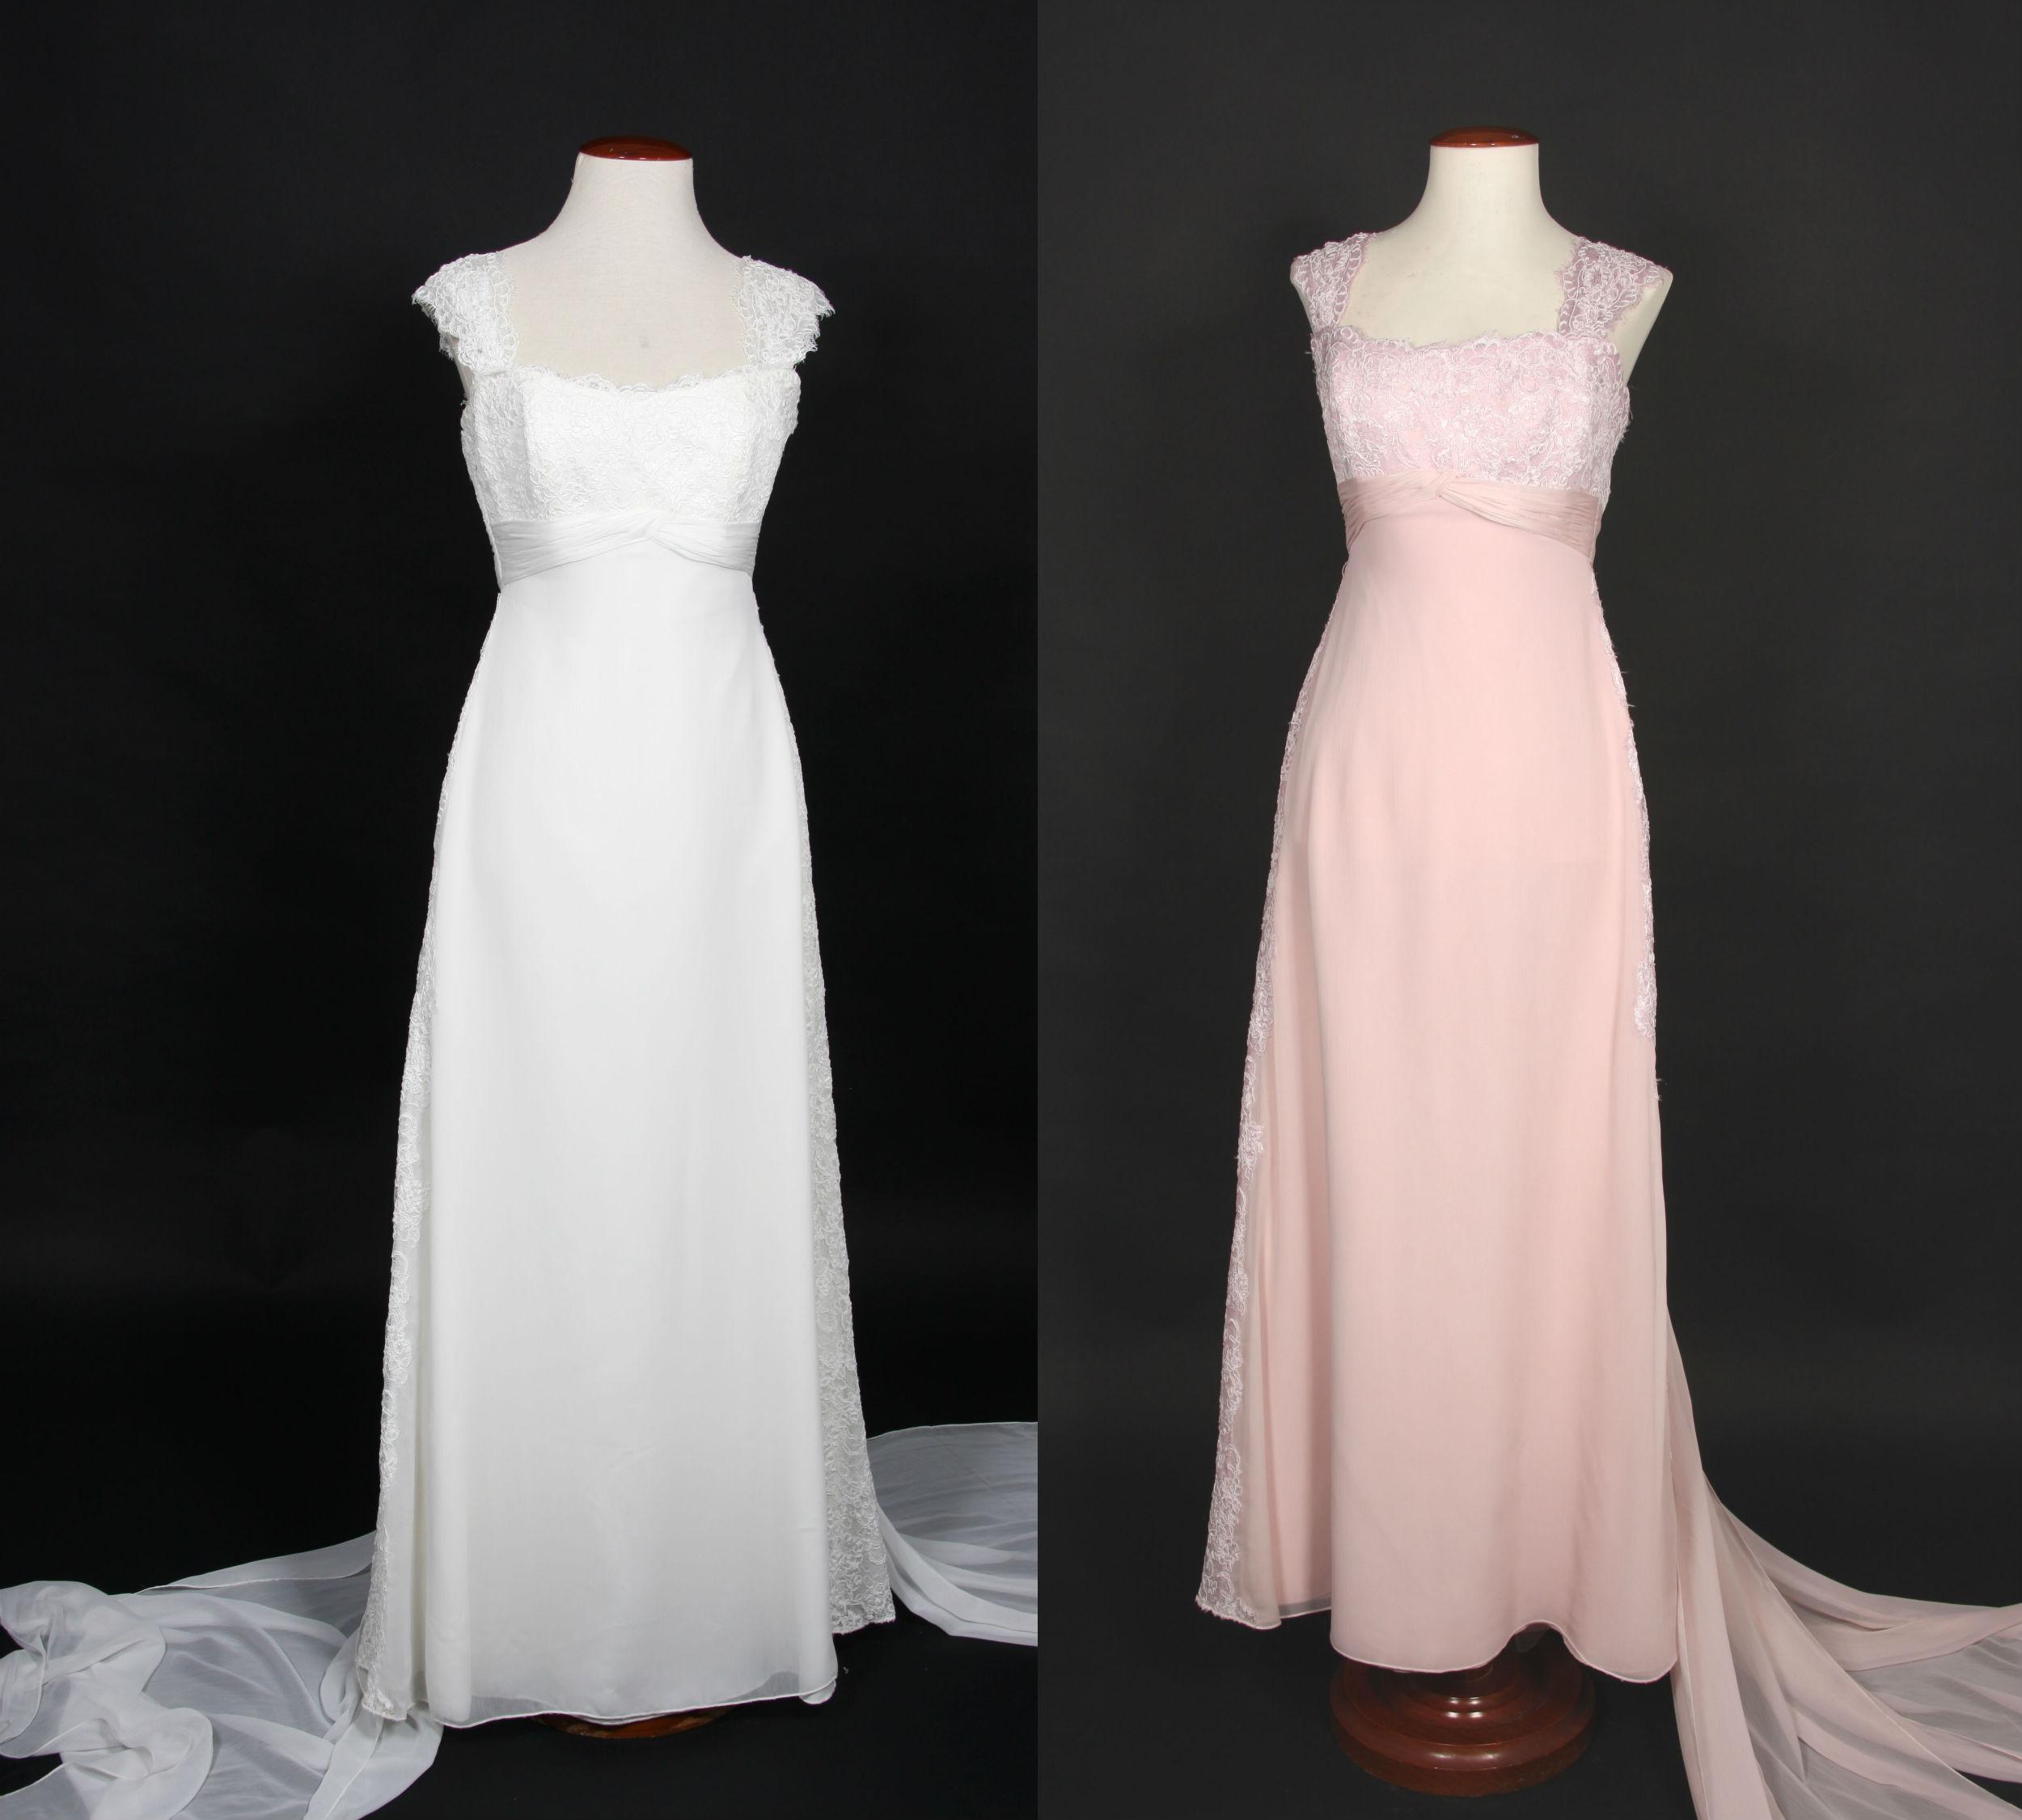 a210f42b2 Teñir Vestidos de Novia o Fiesta en Tintoreria de lujo - Tintoreria ...